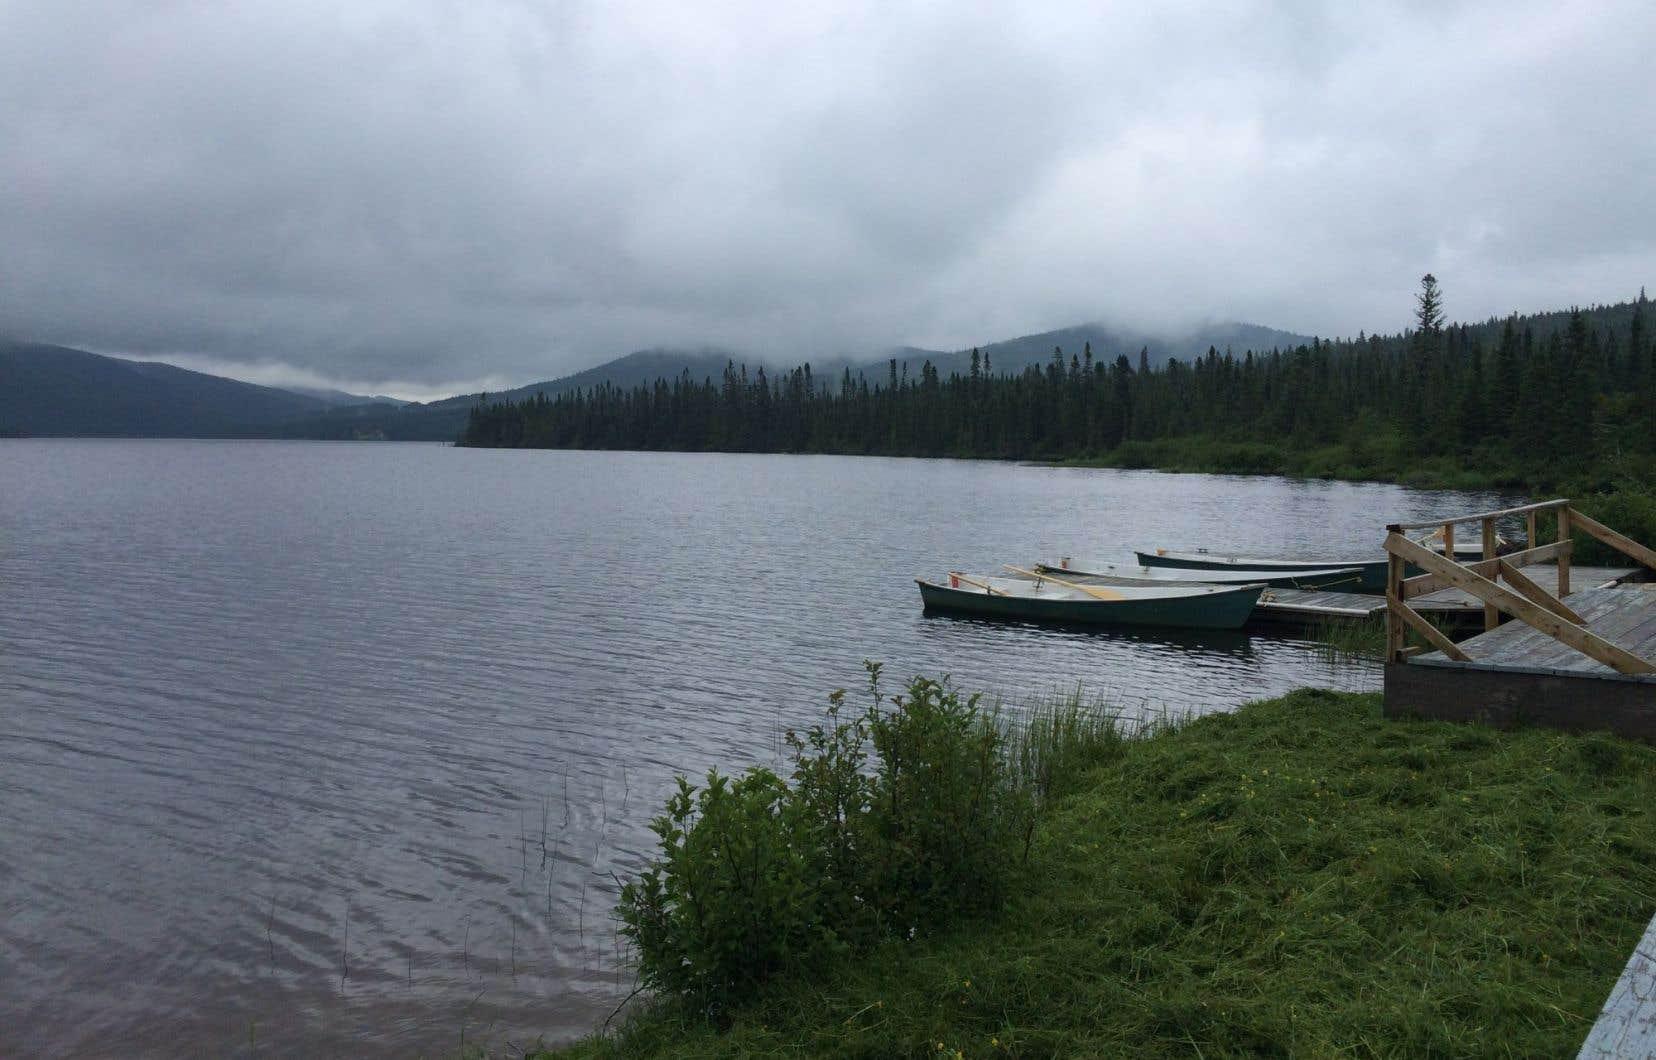 Fréquenté par les politiciens qui en ont fait leur «Camp David» québécois, le lac à l'Épaule est devenu si iconique qu'il a fini par en donner son nom aux réunions de planification stratégique.